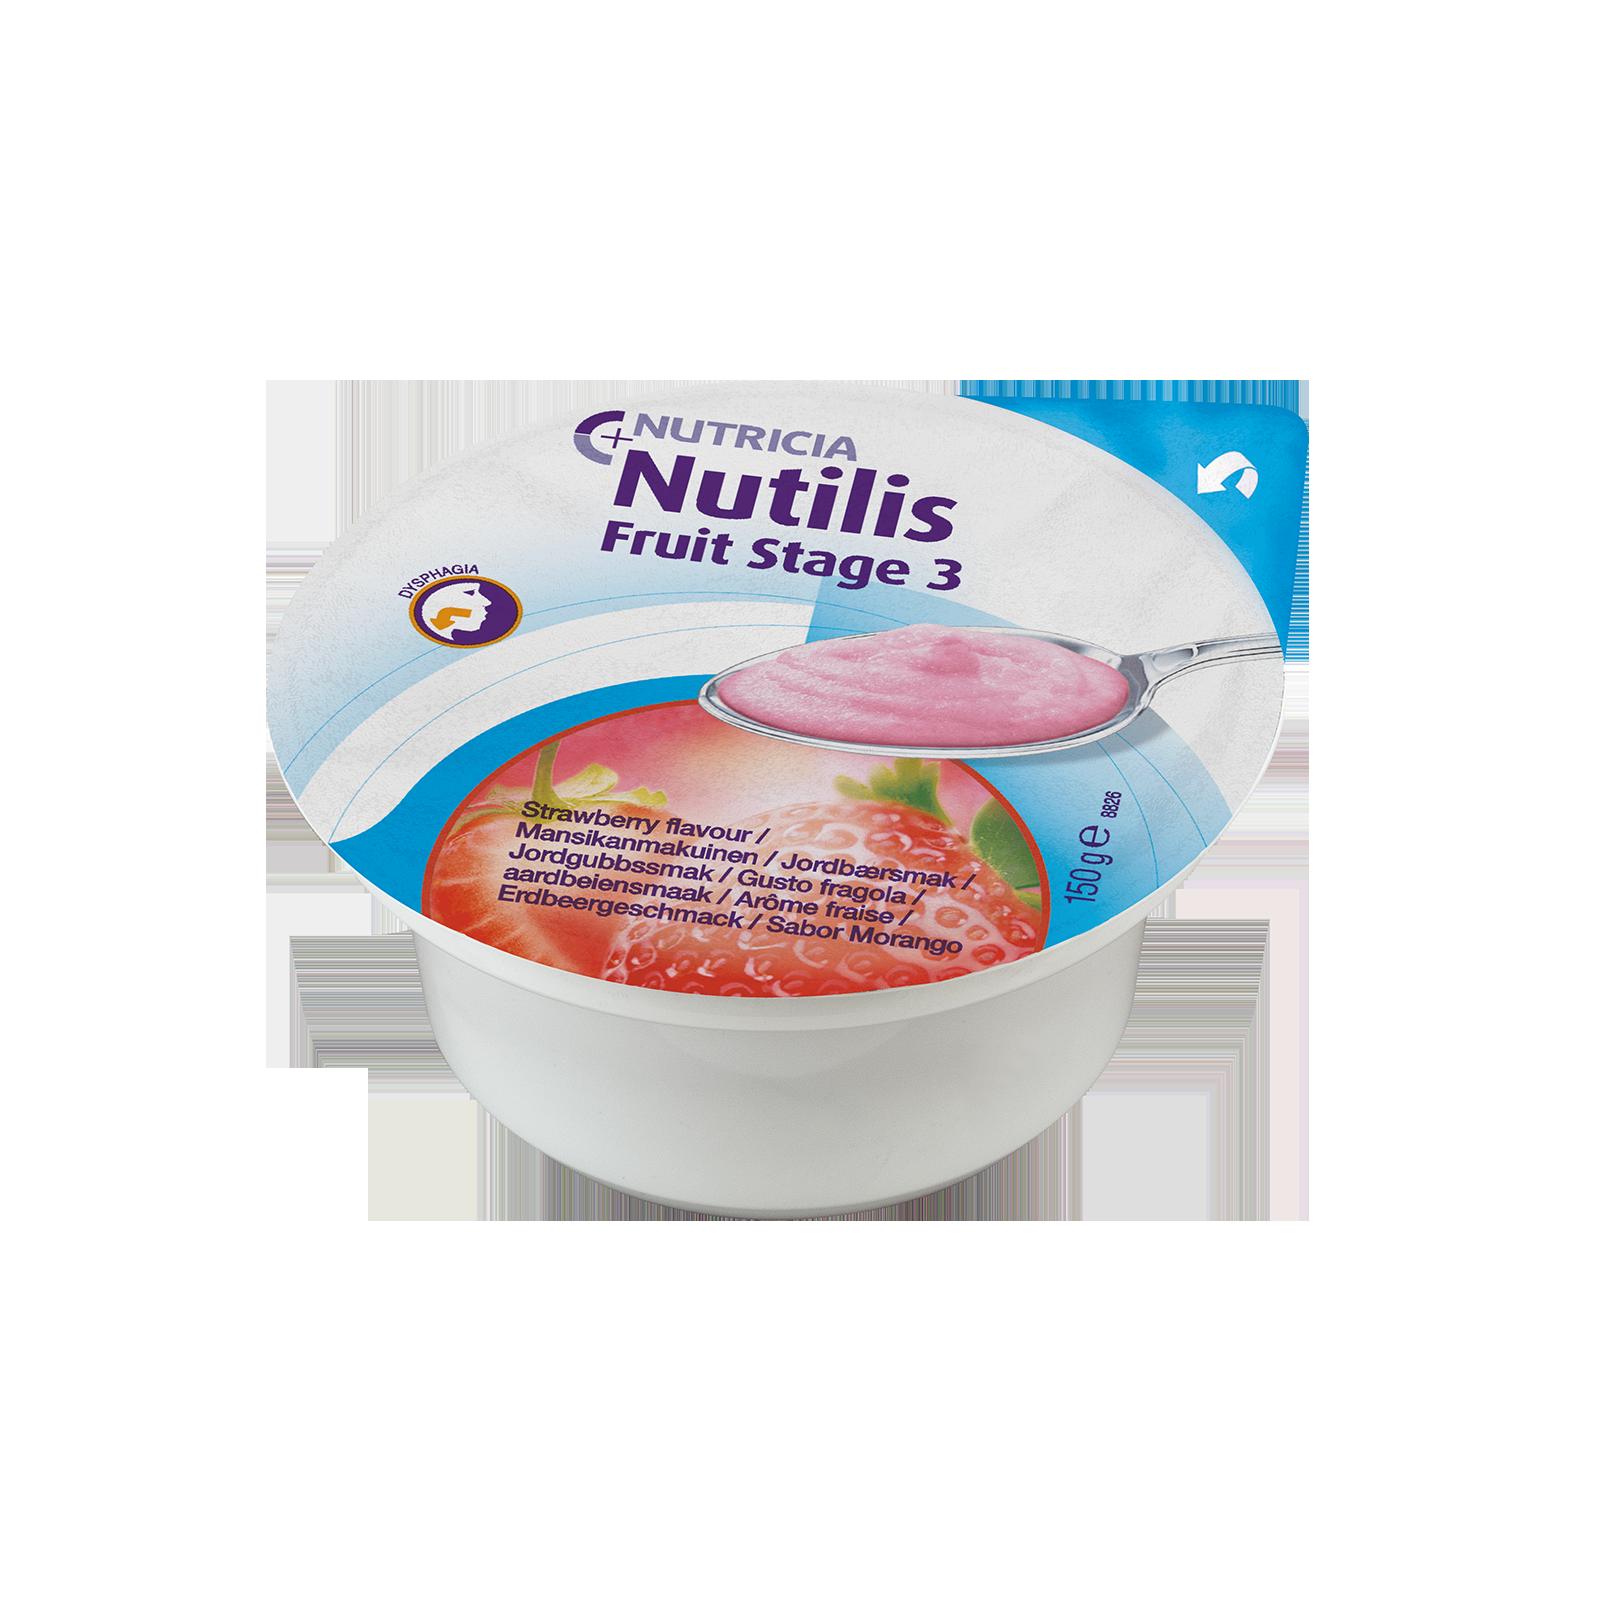 Nutilis Fruit Fragola 36x Vasetto 150 g | Nutricia